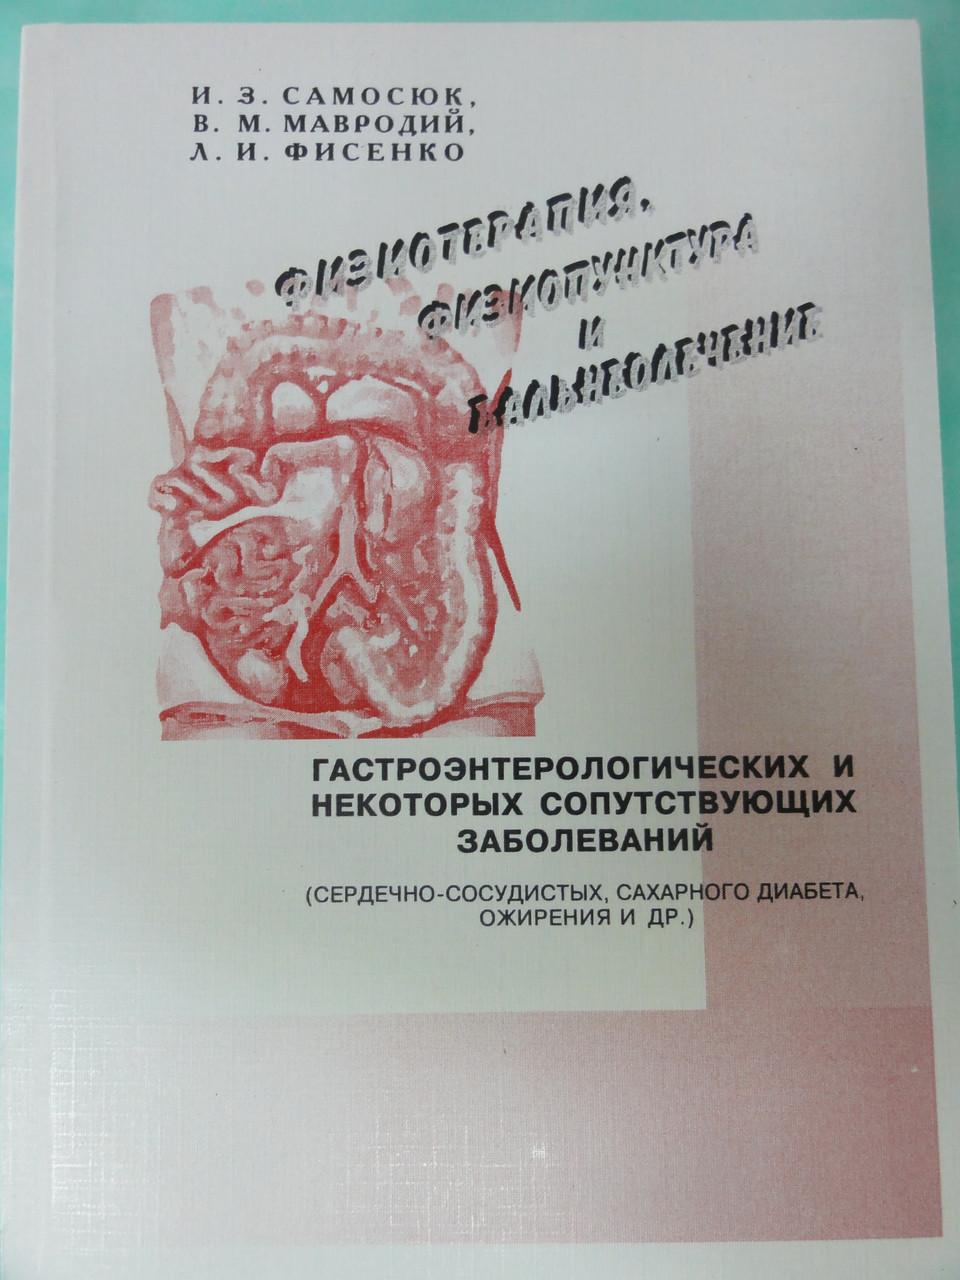 Физиотерапия, физиопунктура и бальнеолечение гастроэнтерологических заболеваний